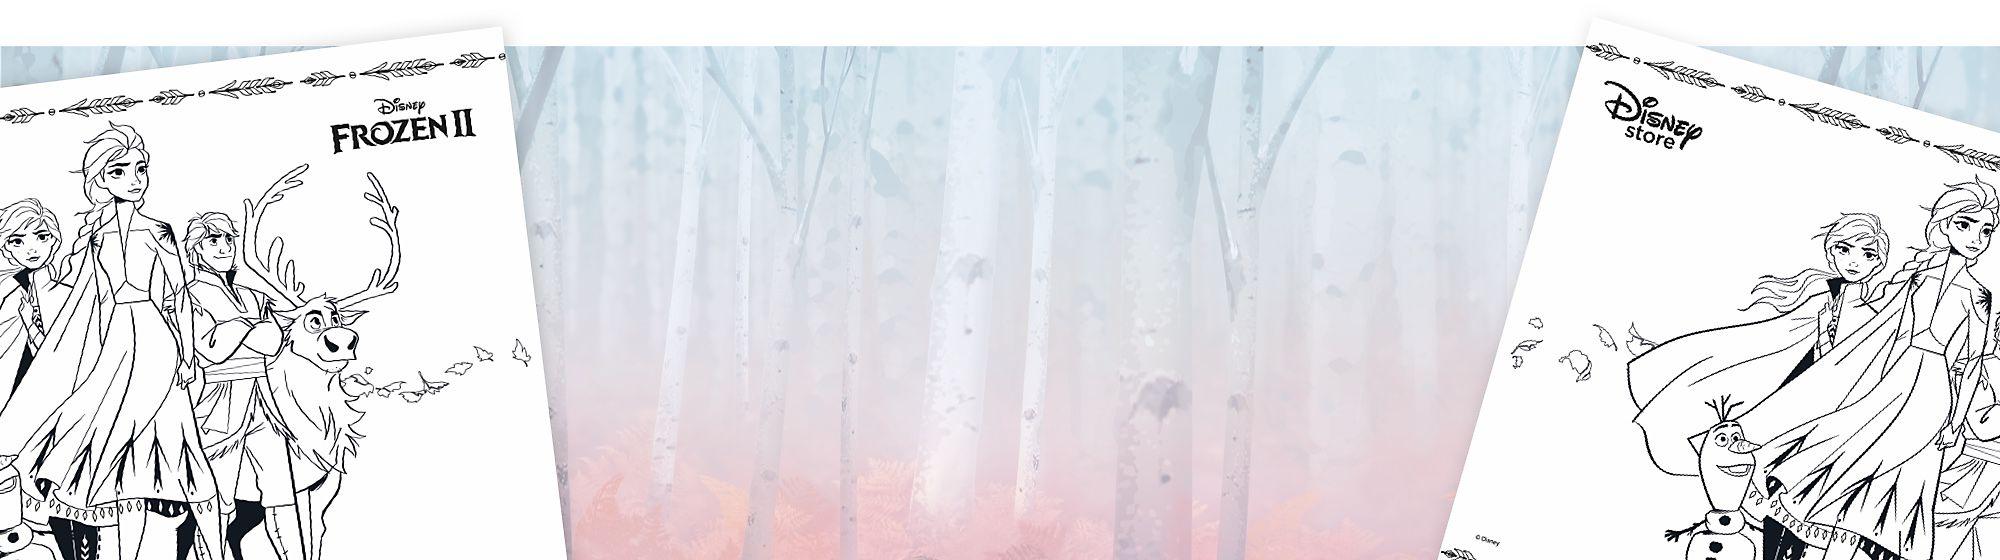 Non riesci a partecipare alle attività in Store? Scarica il bellissimo foglio da colorare di Frozen 2!